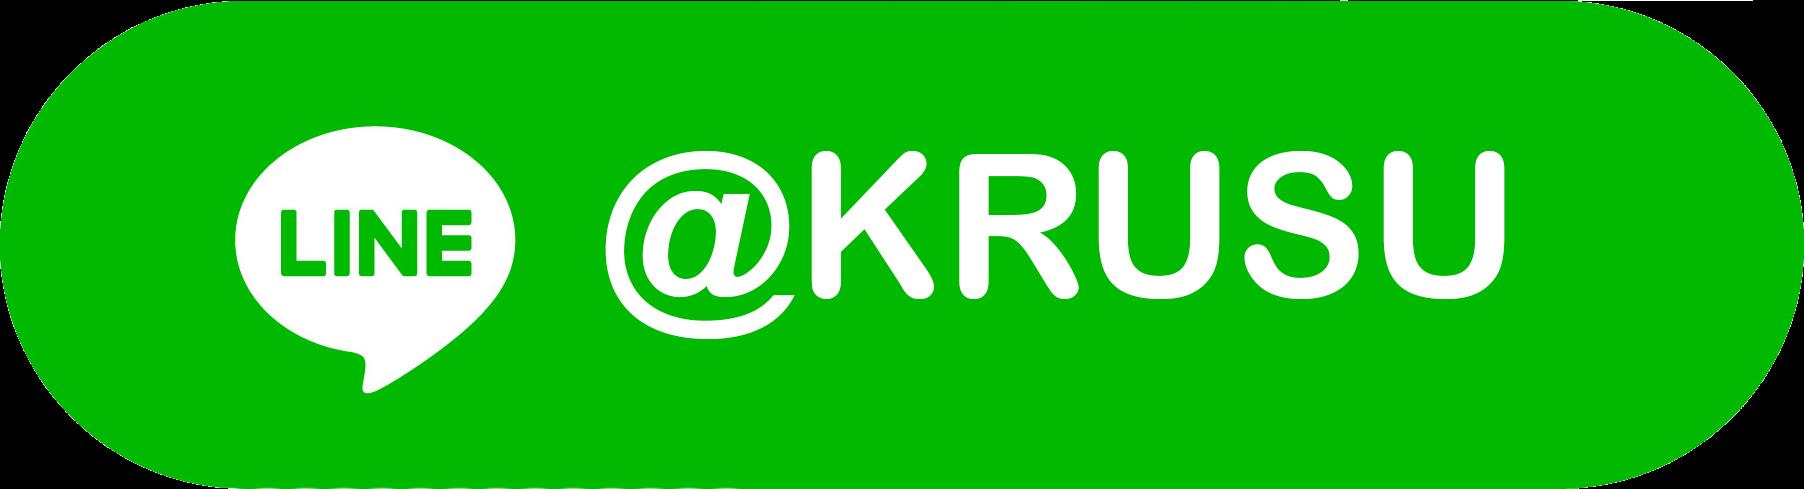 line@ krusu